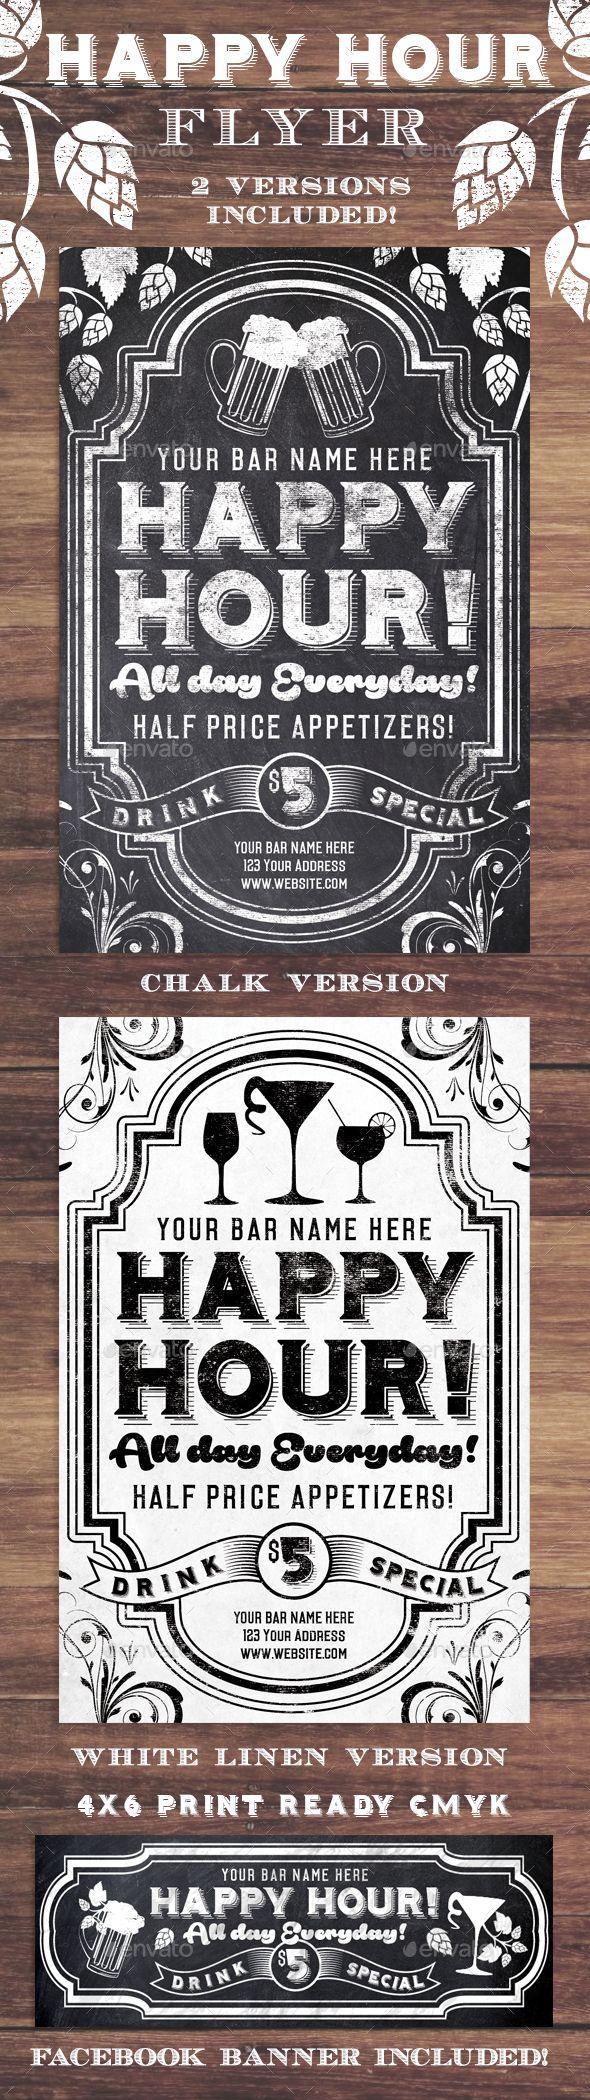 happy hour invite template